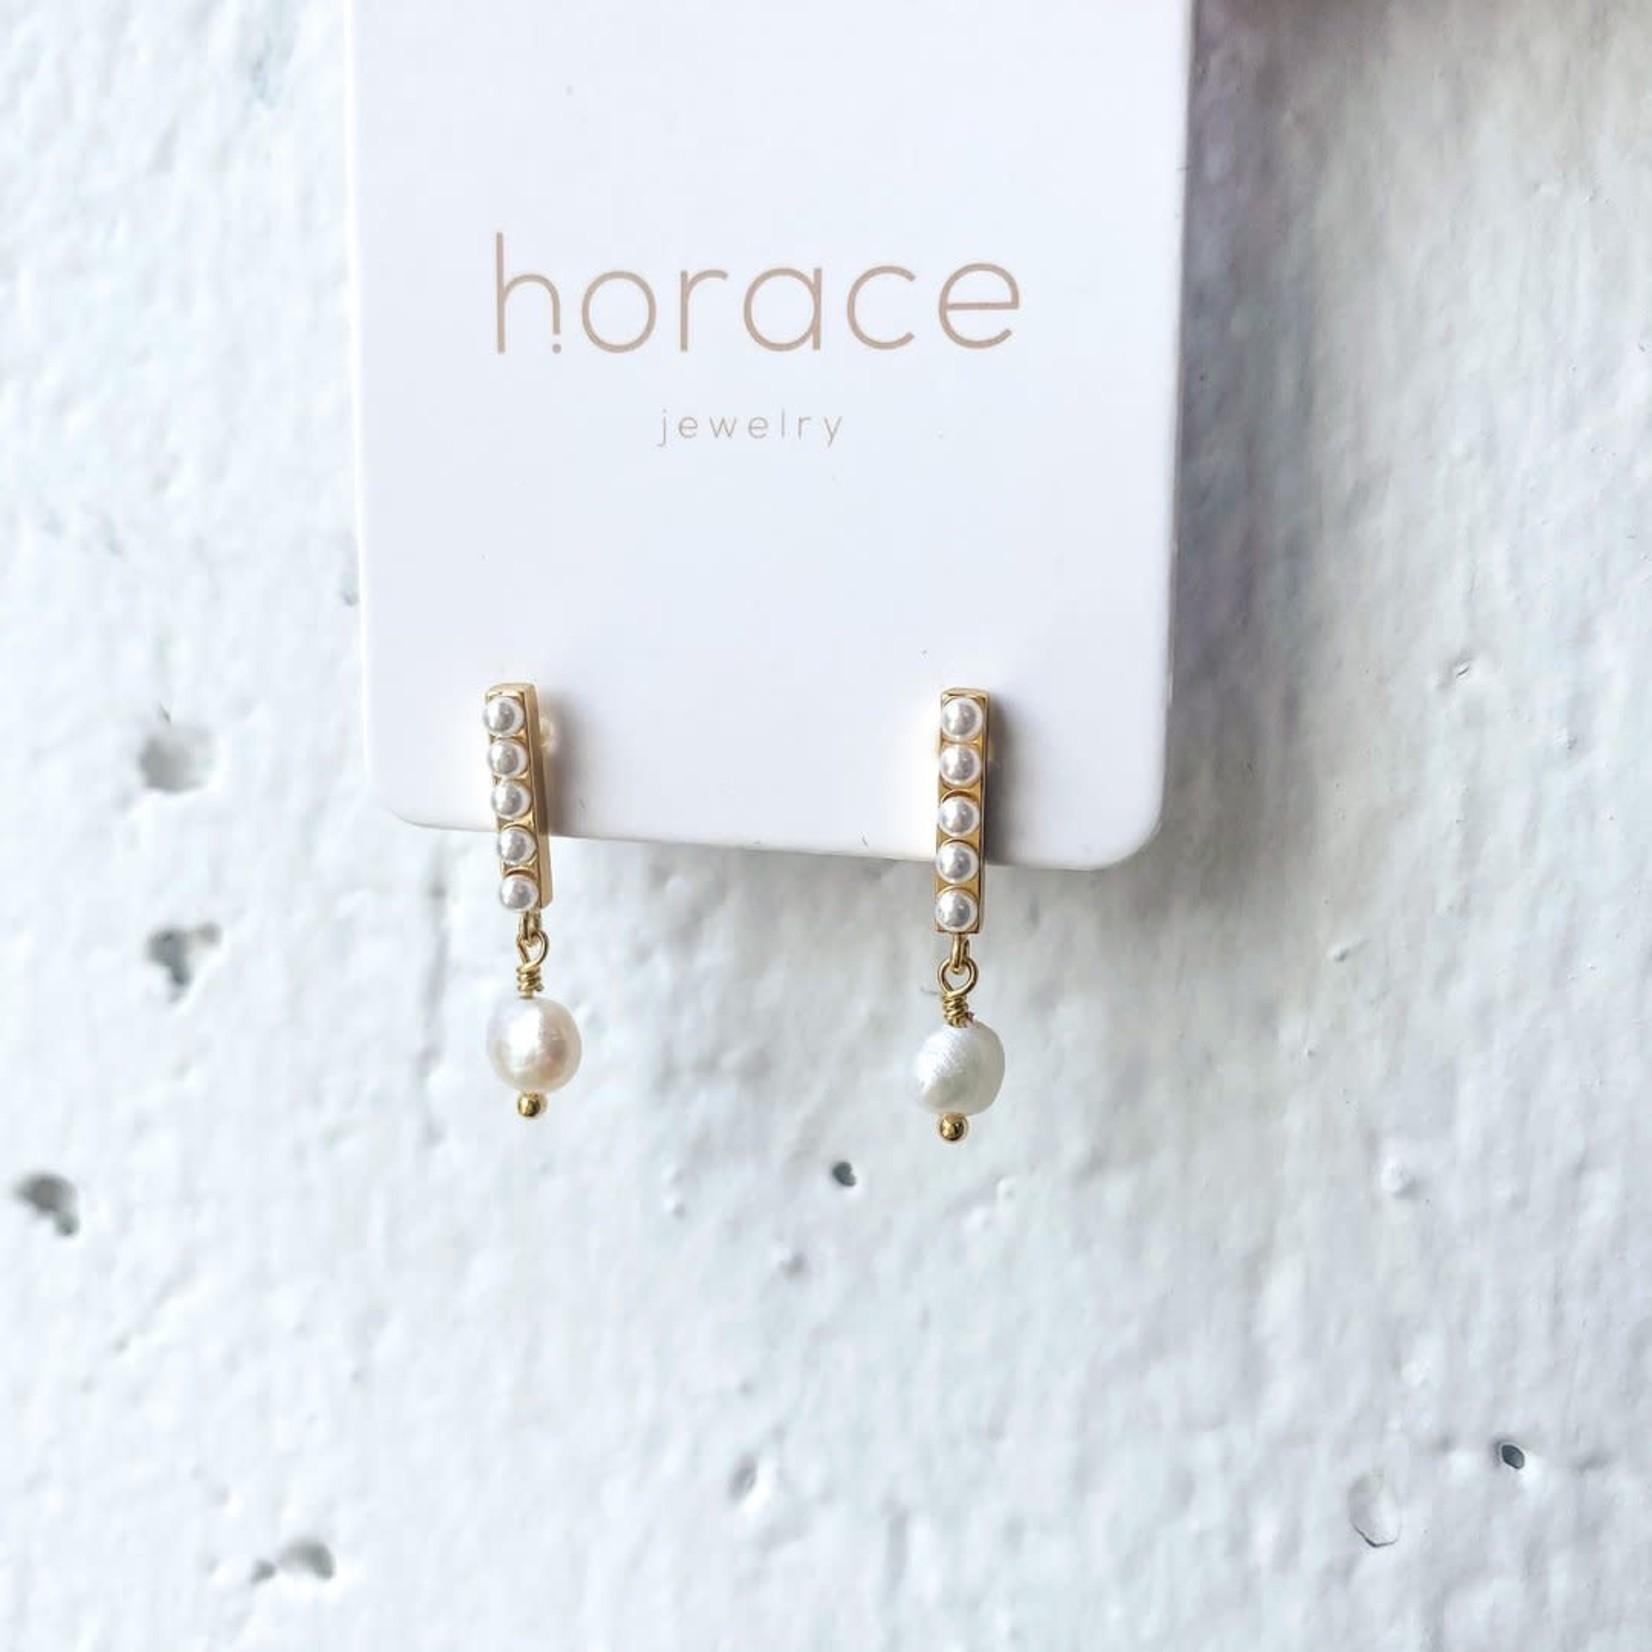 Horace Jewelry Horace boucles d'oreilles BIZO